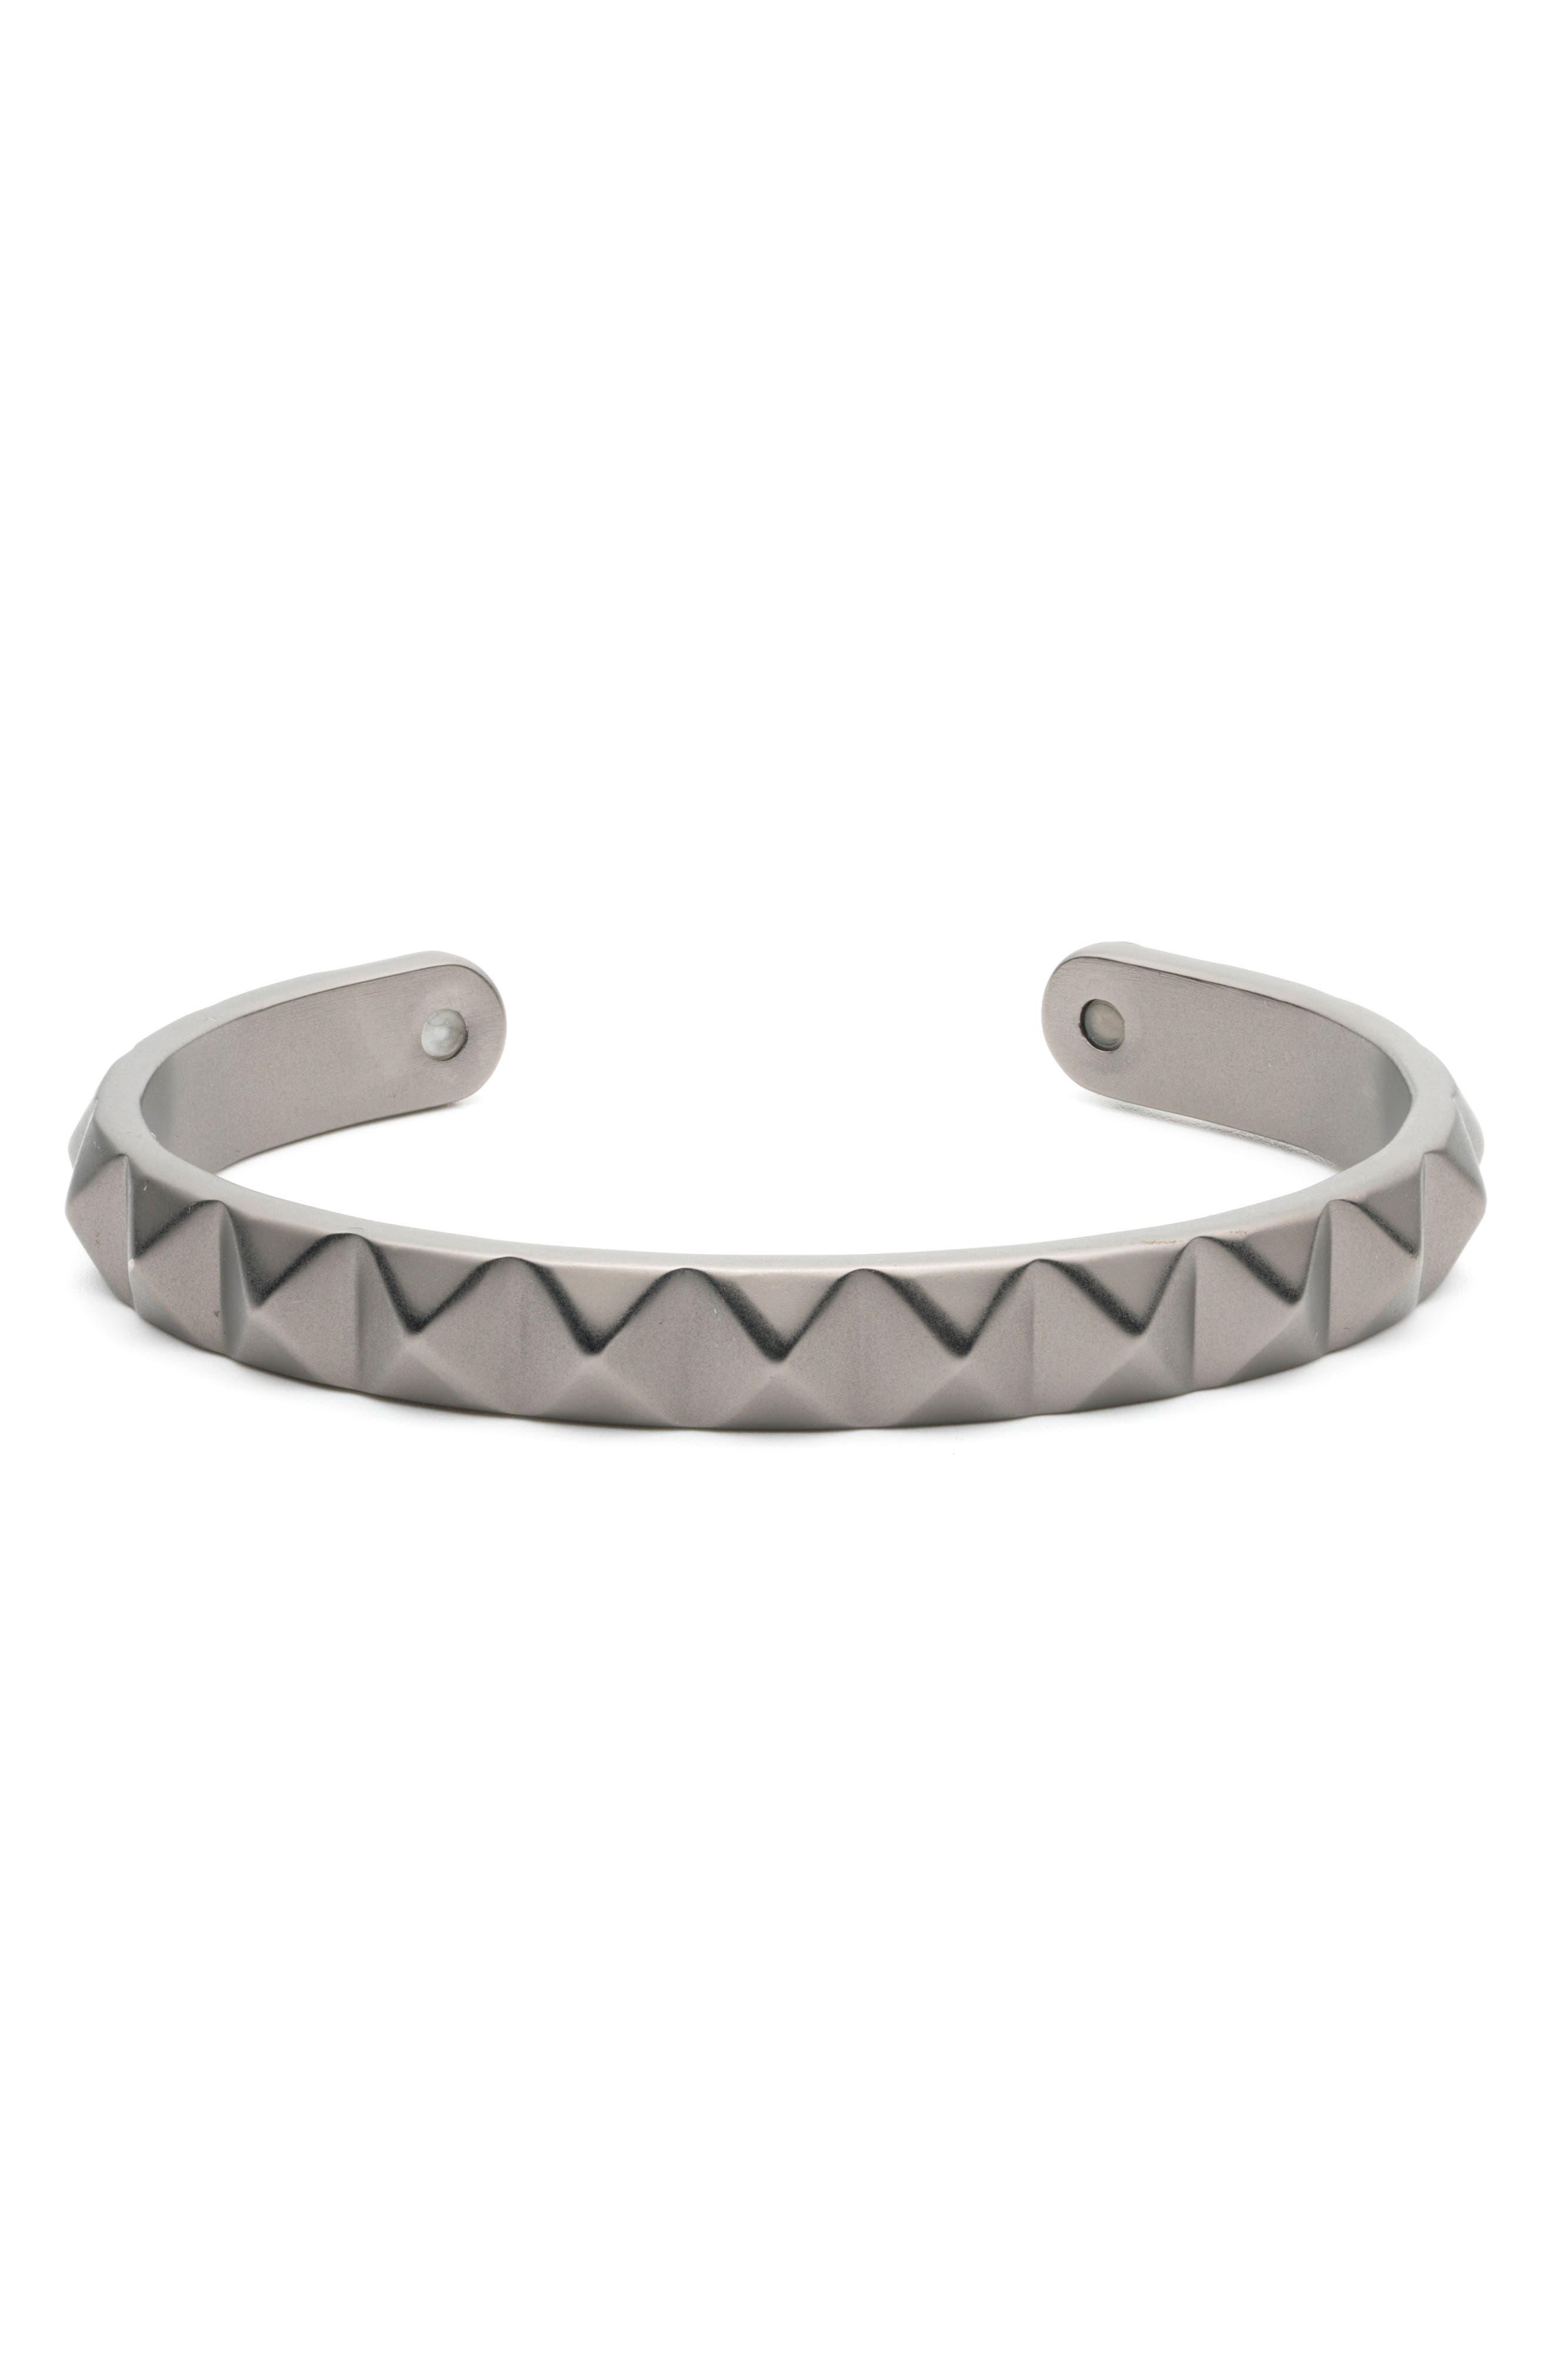 Cuff Bracelet,                         Main,                         color,